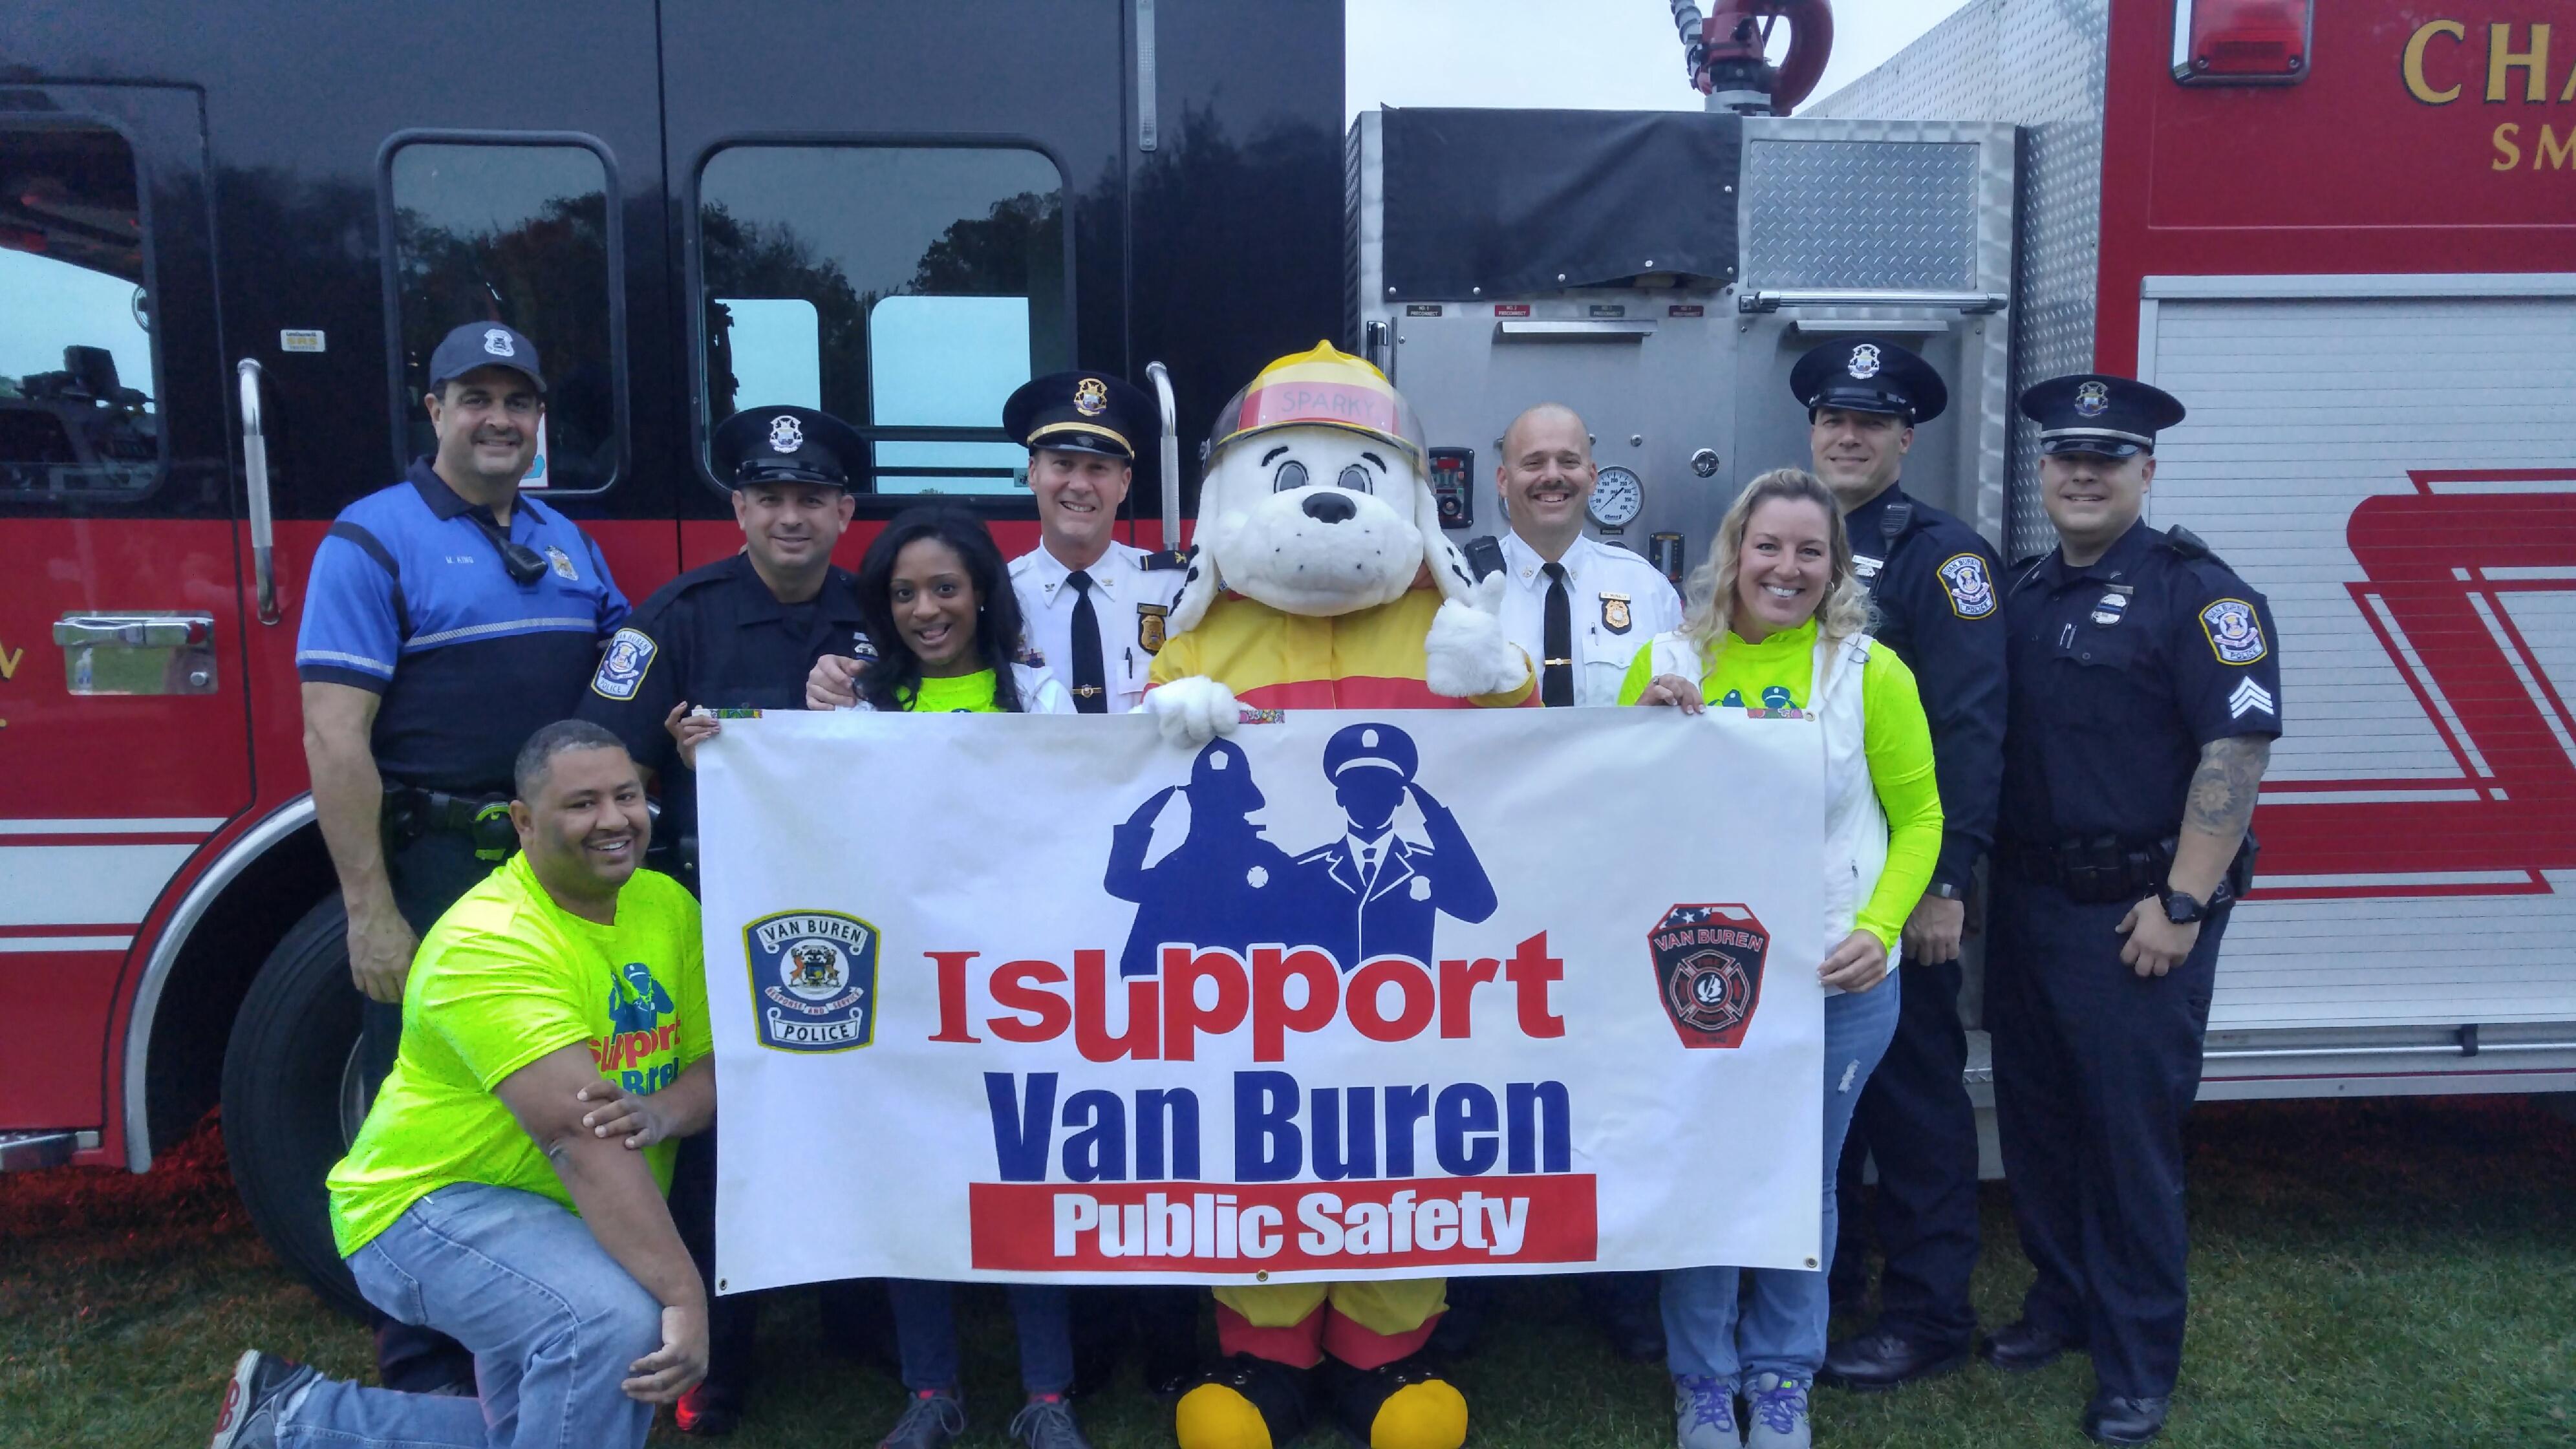 Van Buren Public Safety